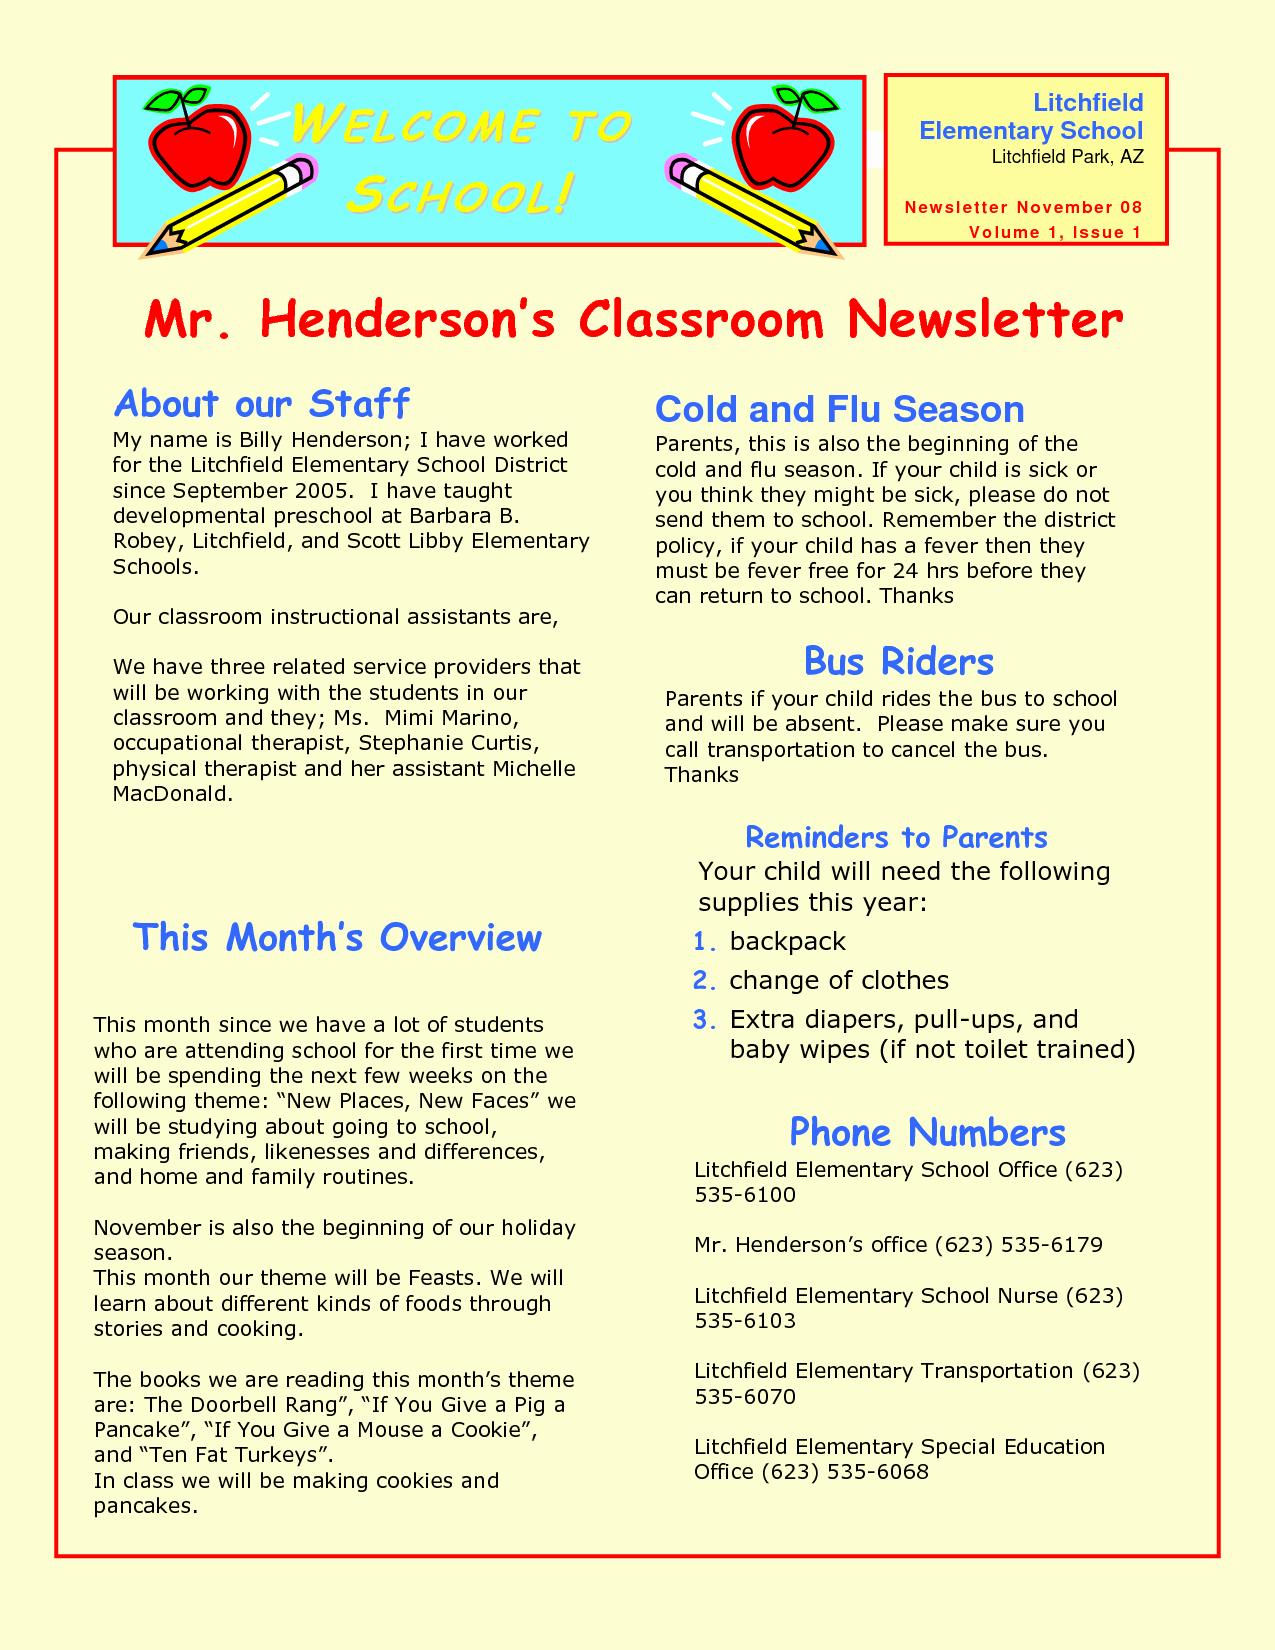 Preschool Newsletter Samples